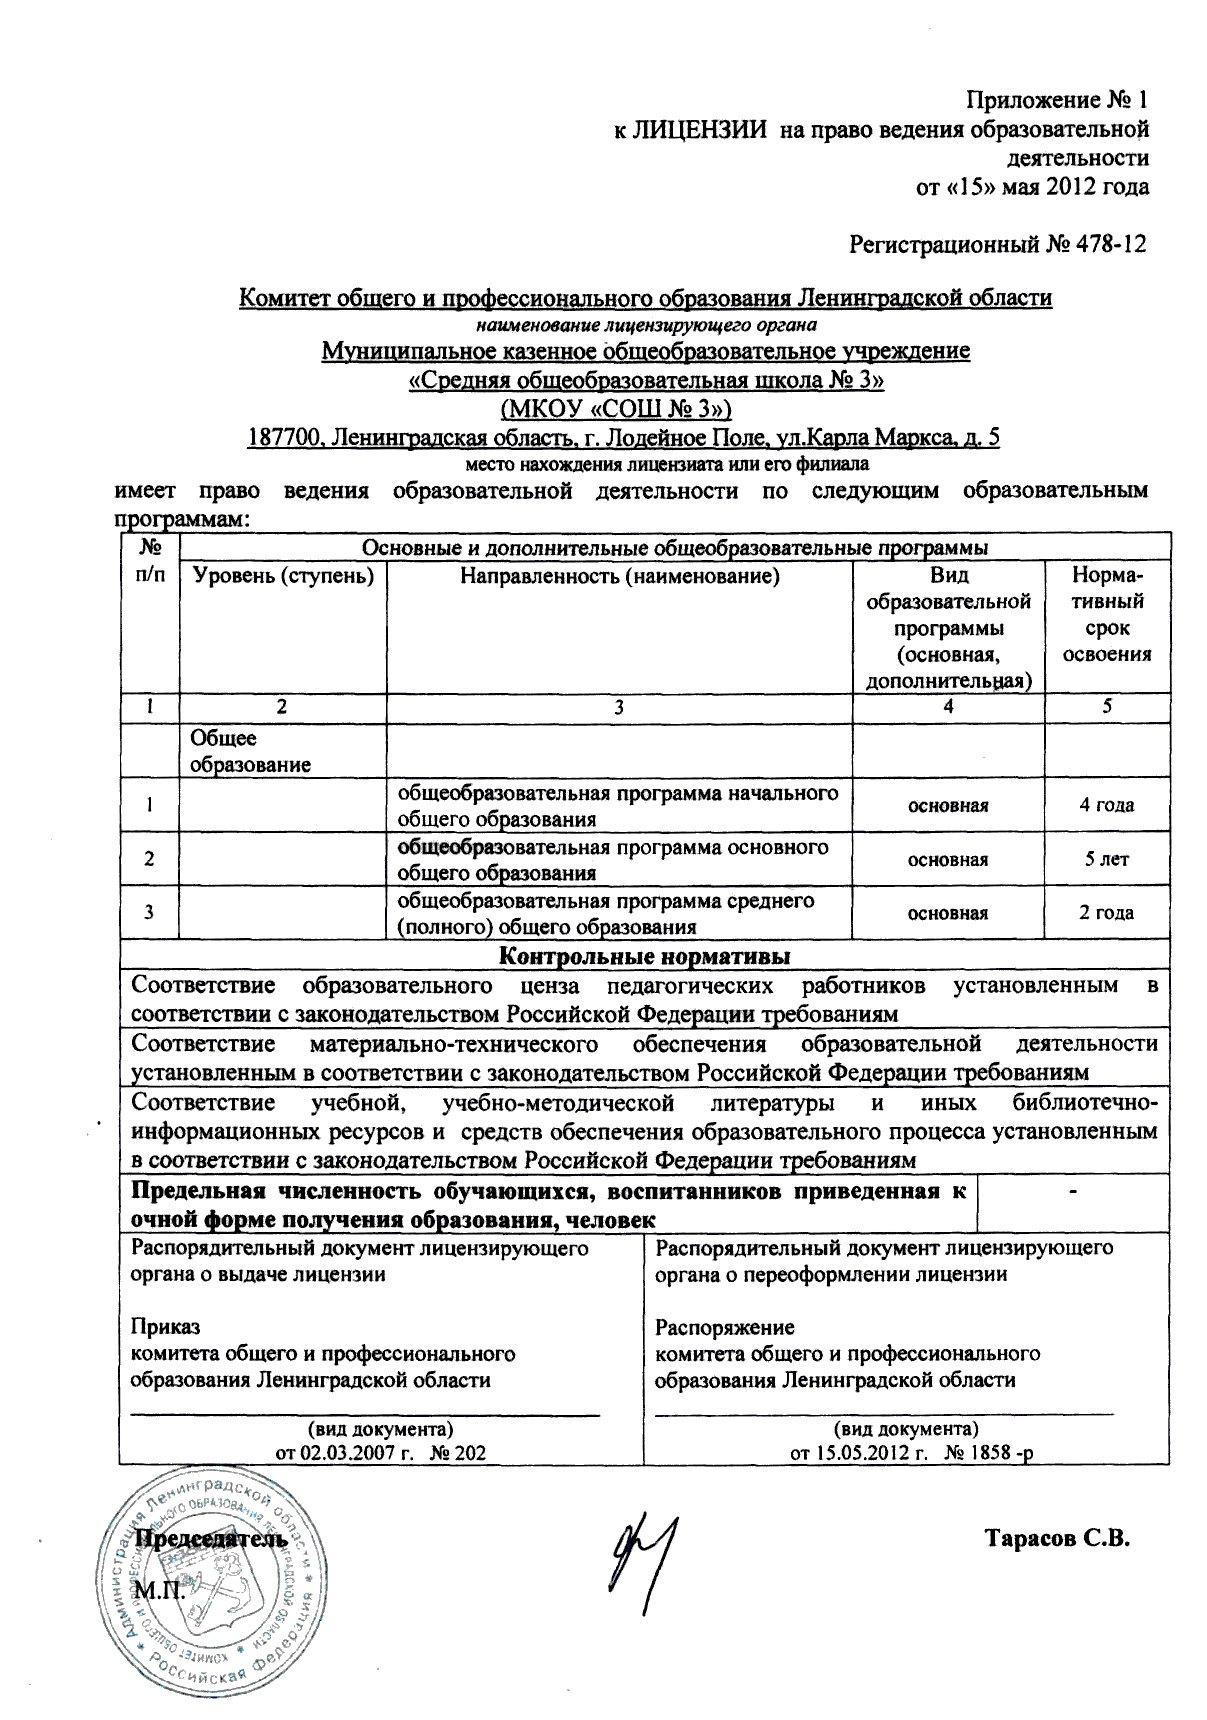 НОРМАТИВНЫЙ СРОК СЛУЖБЫ - dic.academic.ru